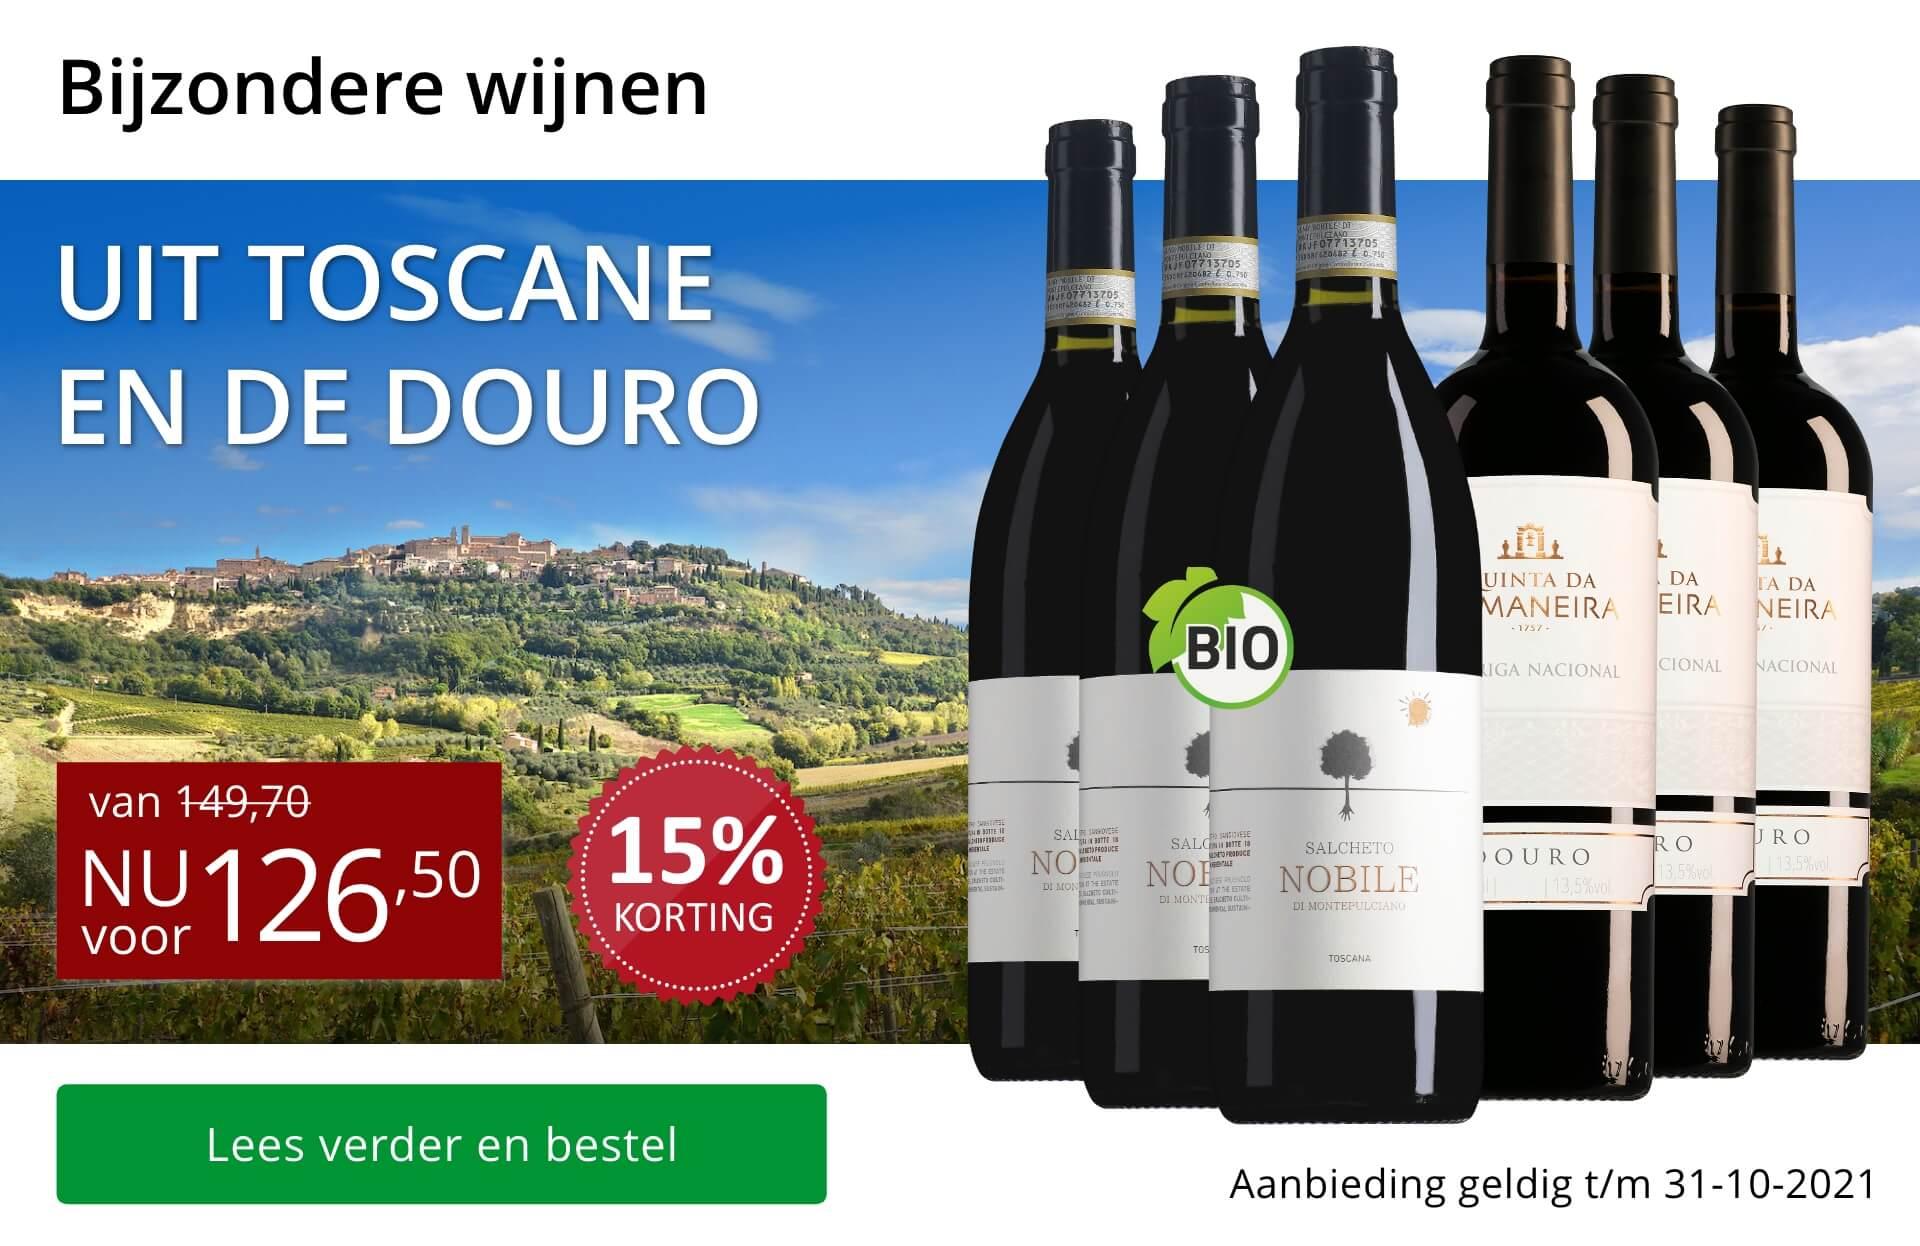 Wijnpakket bijzondere wijnen oktober 2021 - rood